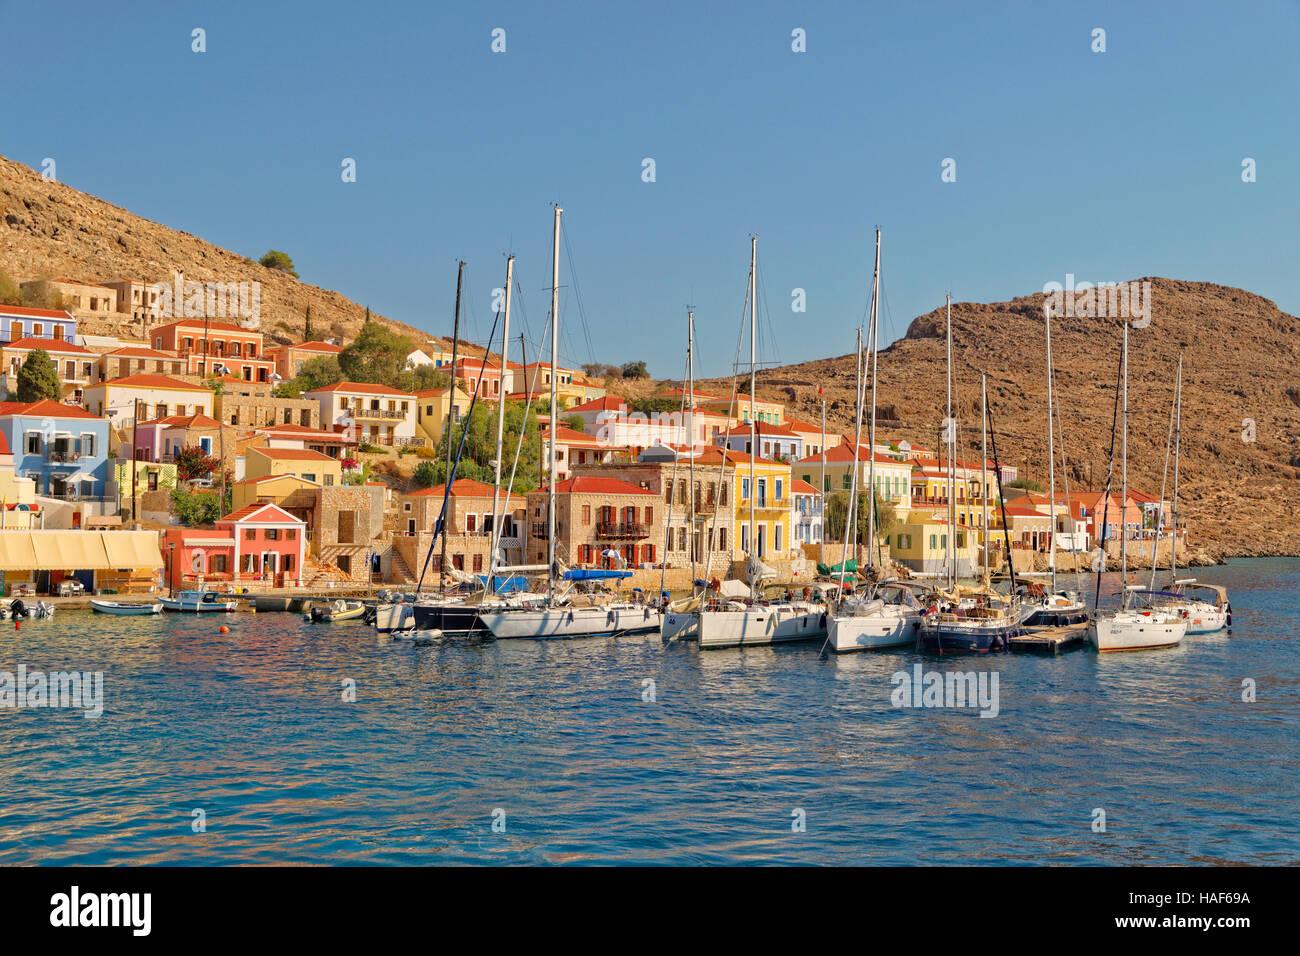 Location de couchettes à Chalki ville, île grecque de l'île de Chalki située au large de Photo Stock